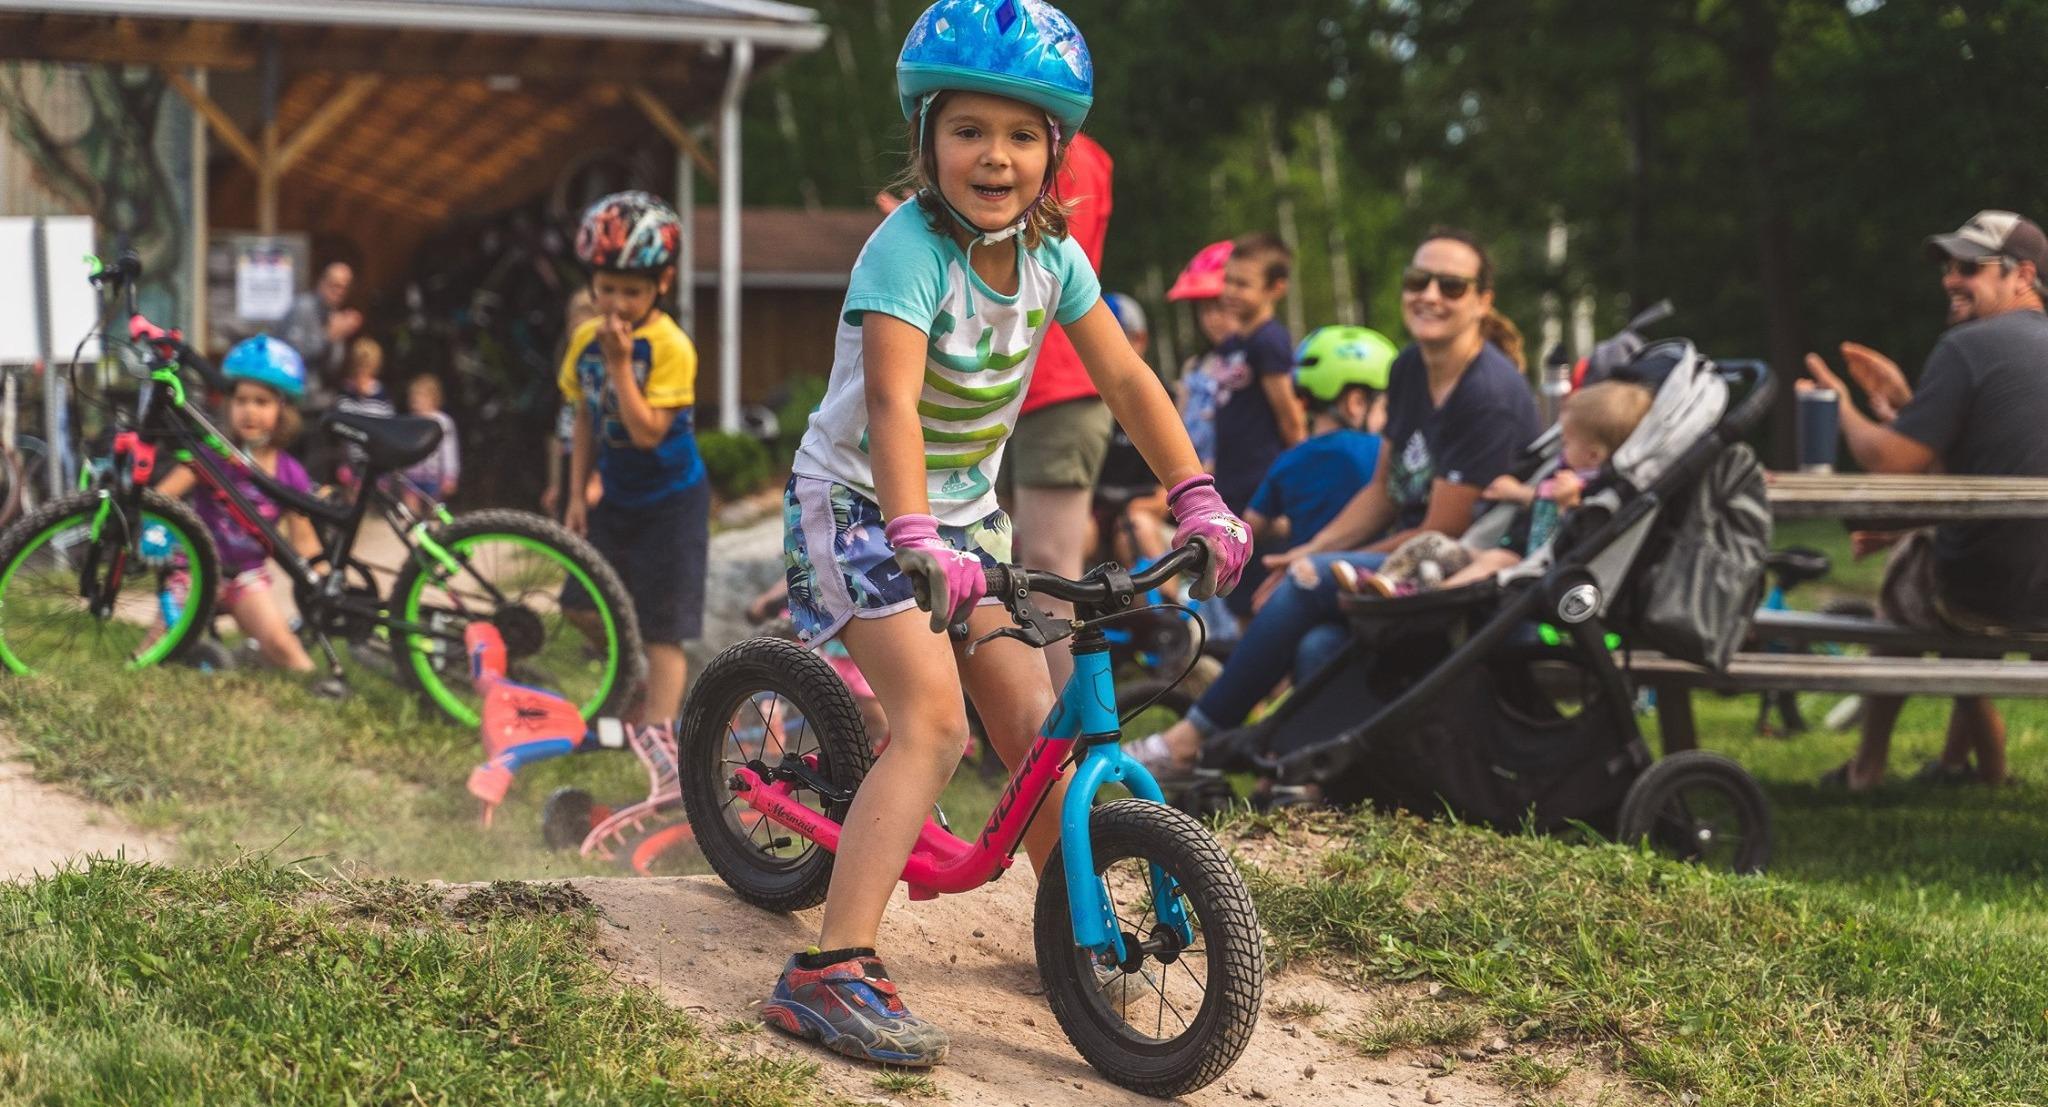 Girl on a balance bike